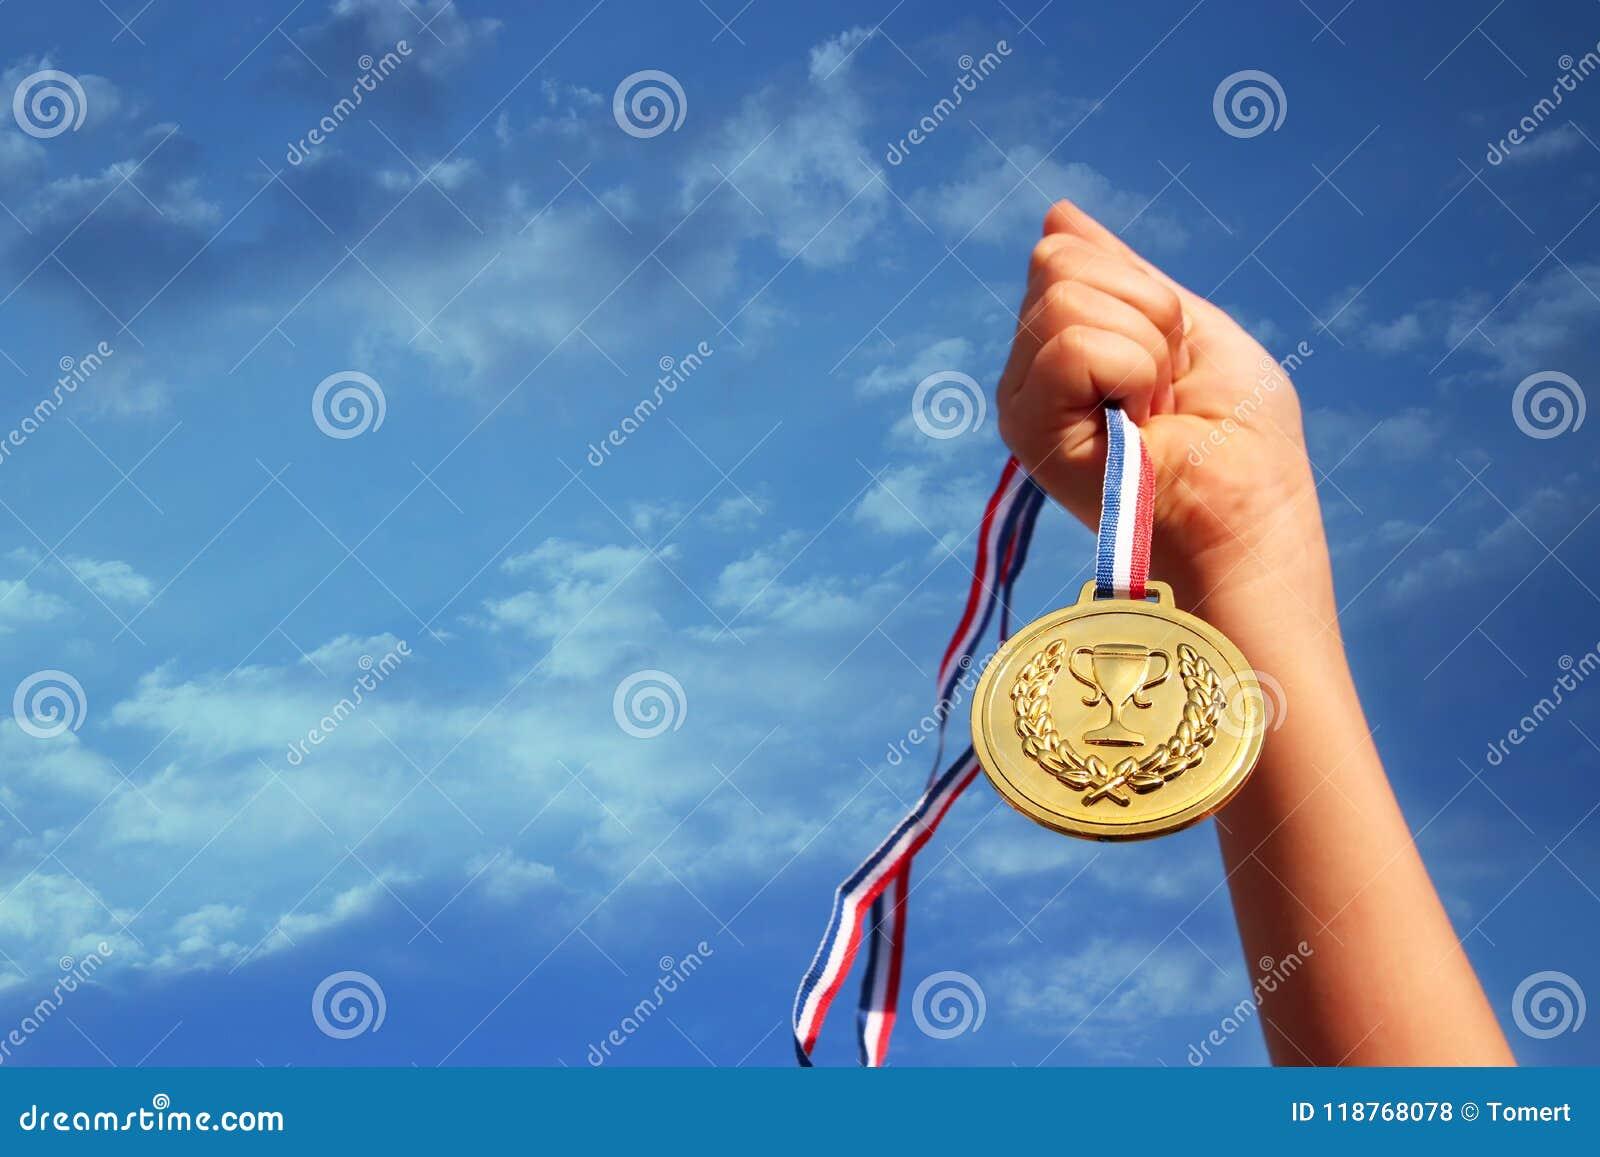 Dziecko ręka podnosząca, trzymający złotego medal przeciw niebu edukaci, sukcesu, osiągnięcia, nagrody i zwycięstwa pojęcie,